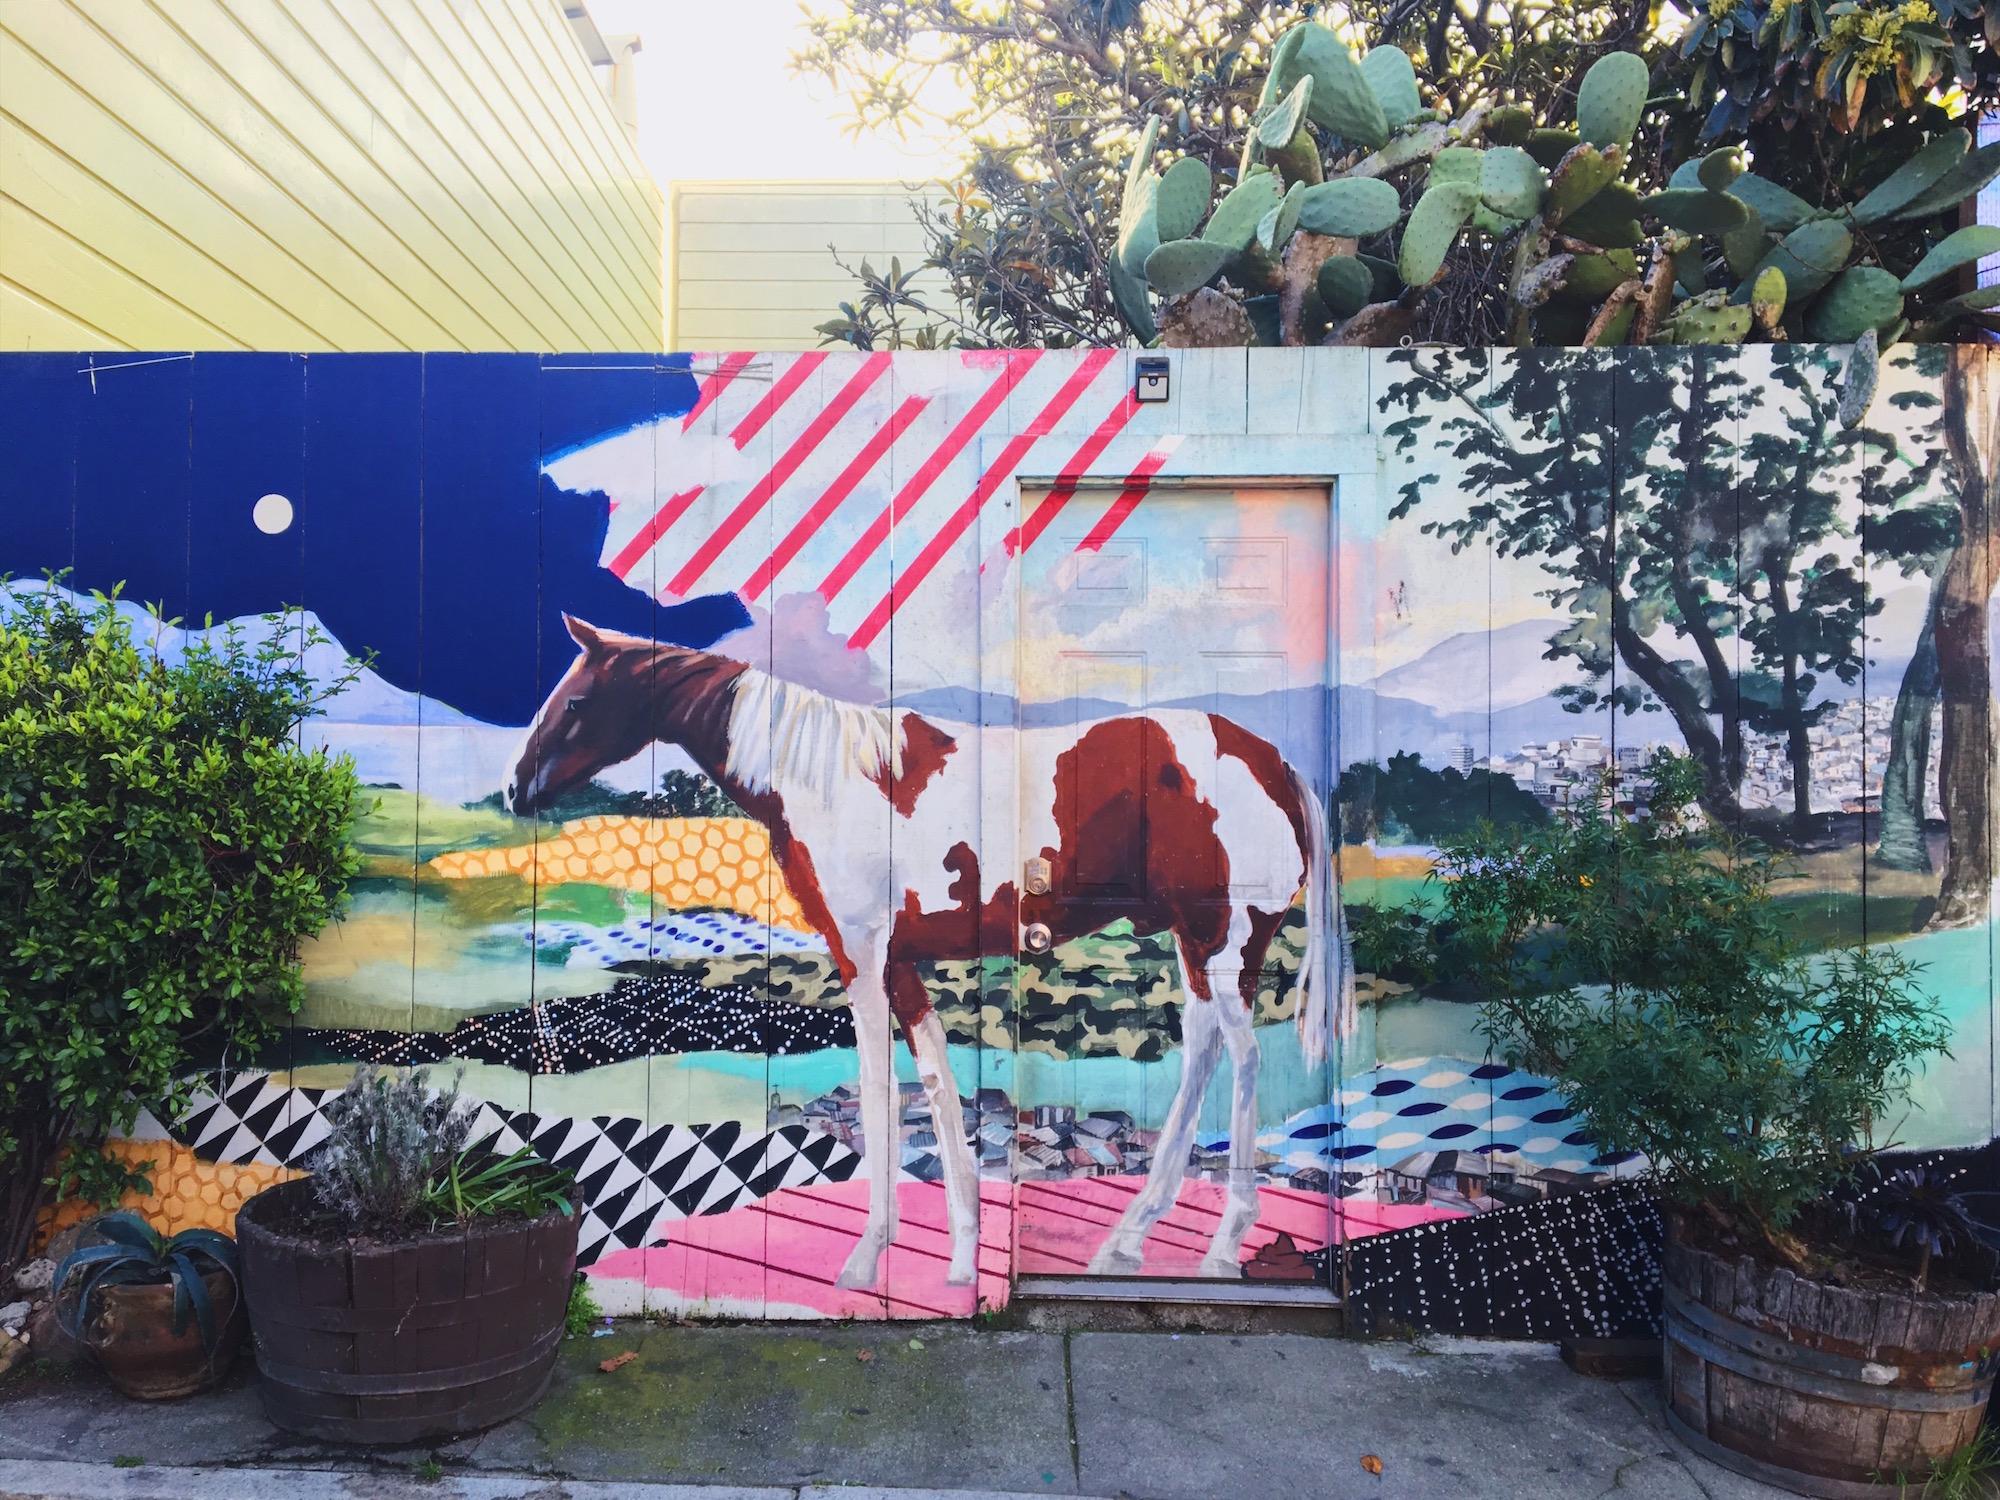 Balmy Alley - Murales nel quartiere Mission di San Francisco - Urban Pastoral - Gaby Wolodarski